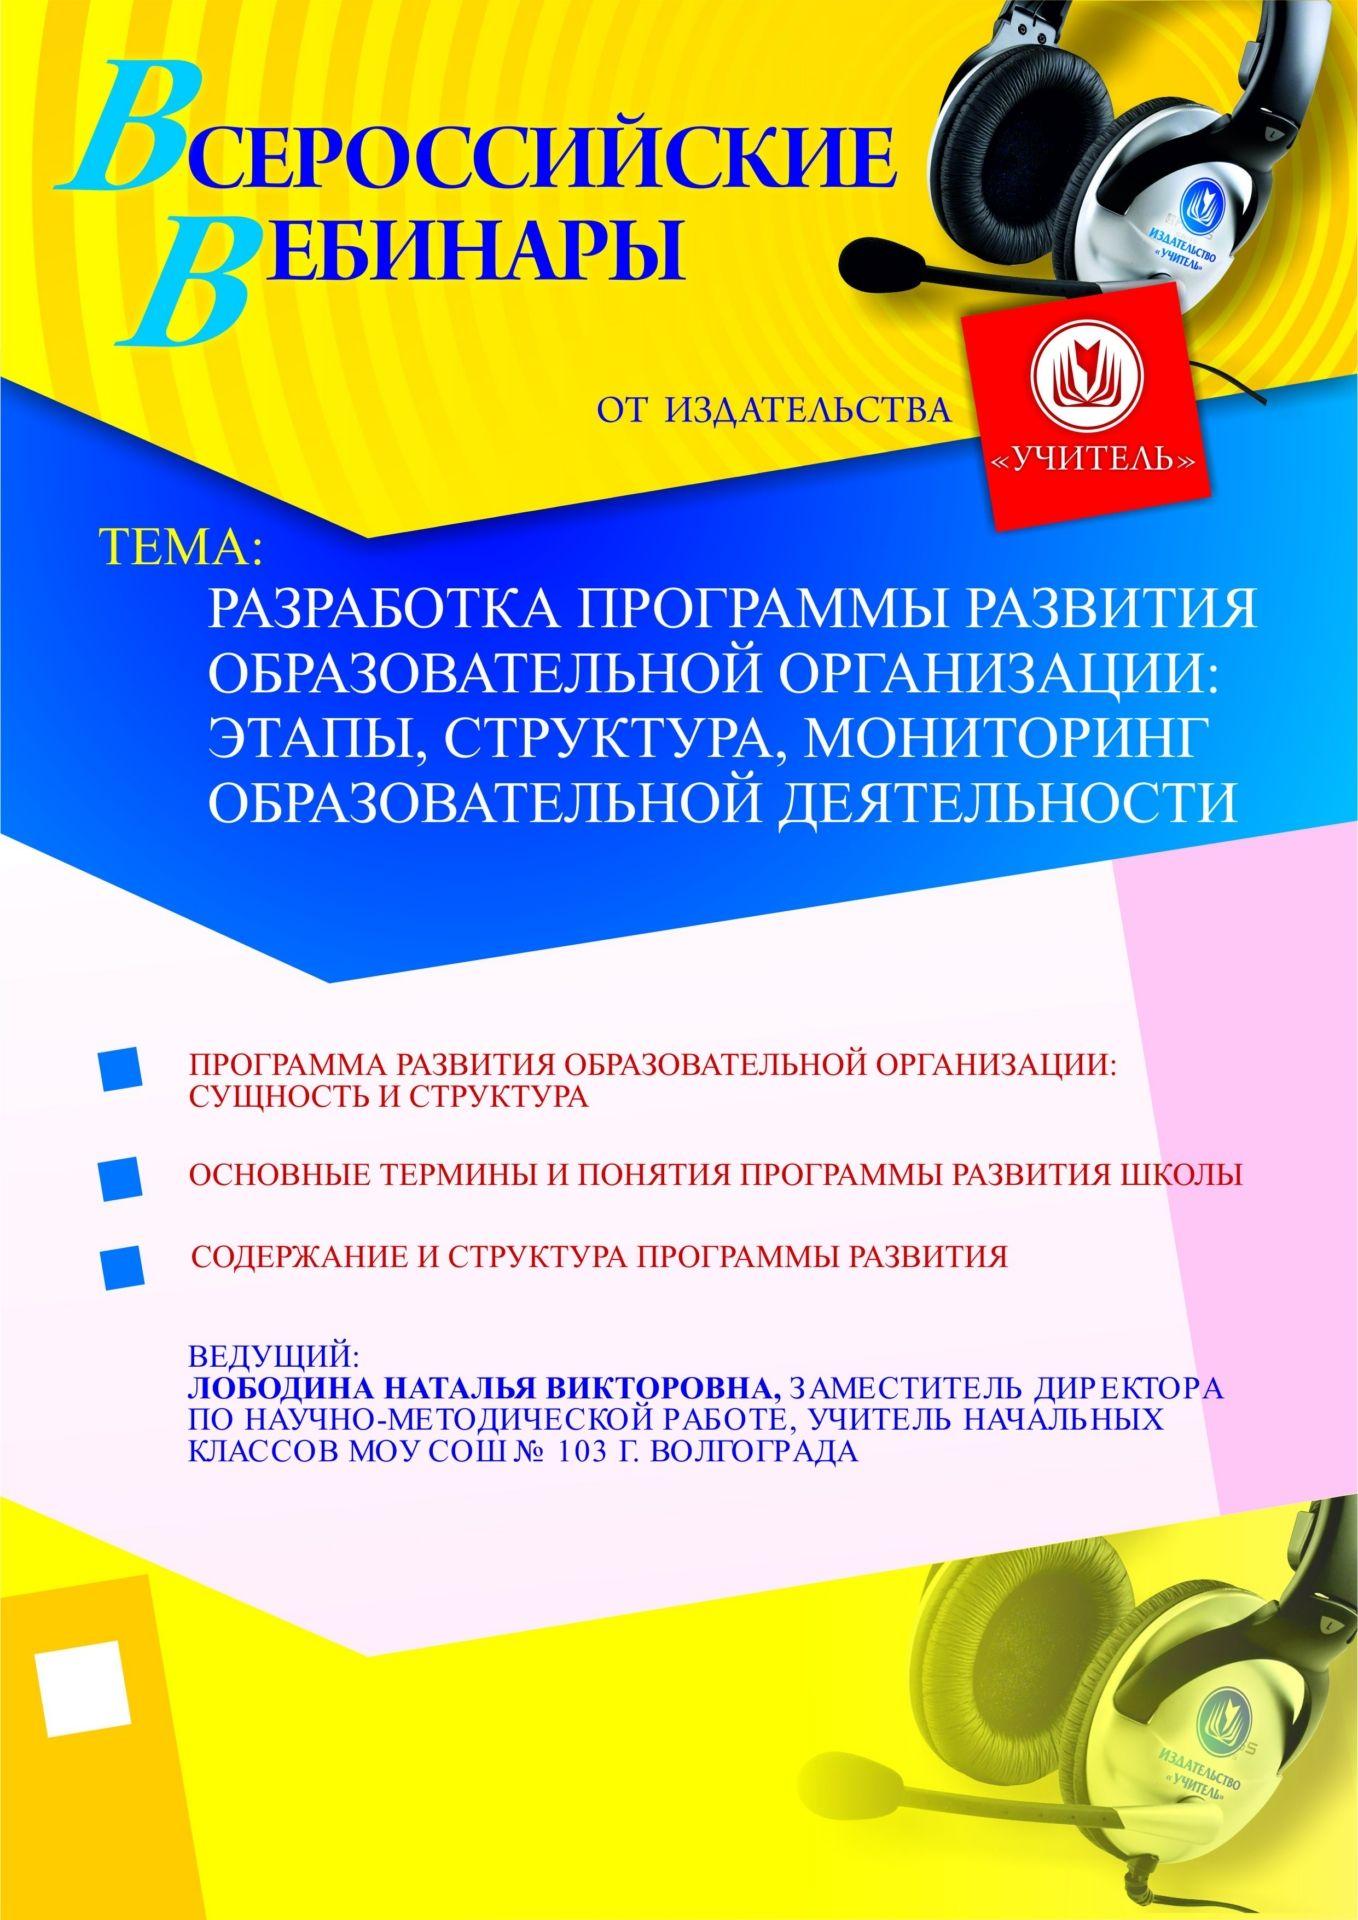 Разработка программы развития образовательной организации: этапы, структура, мониторинг образовательной деятельности фото